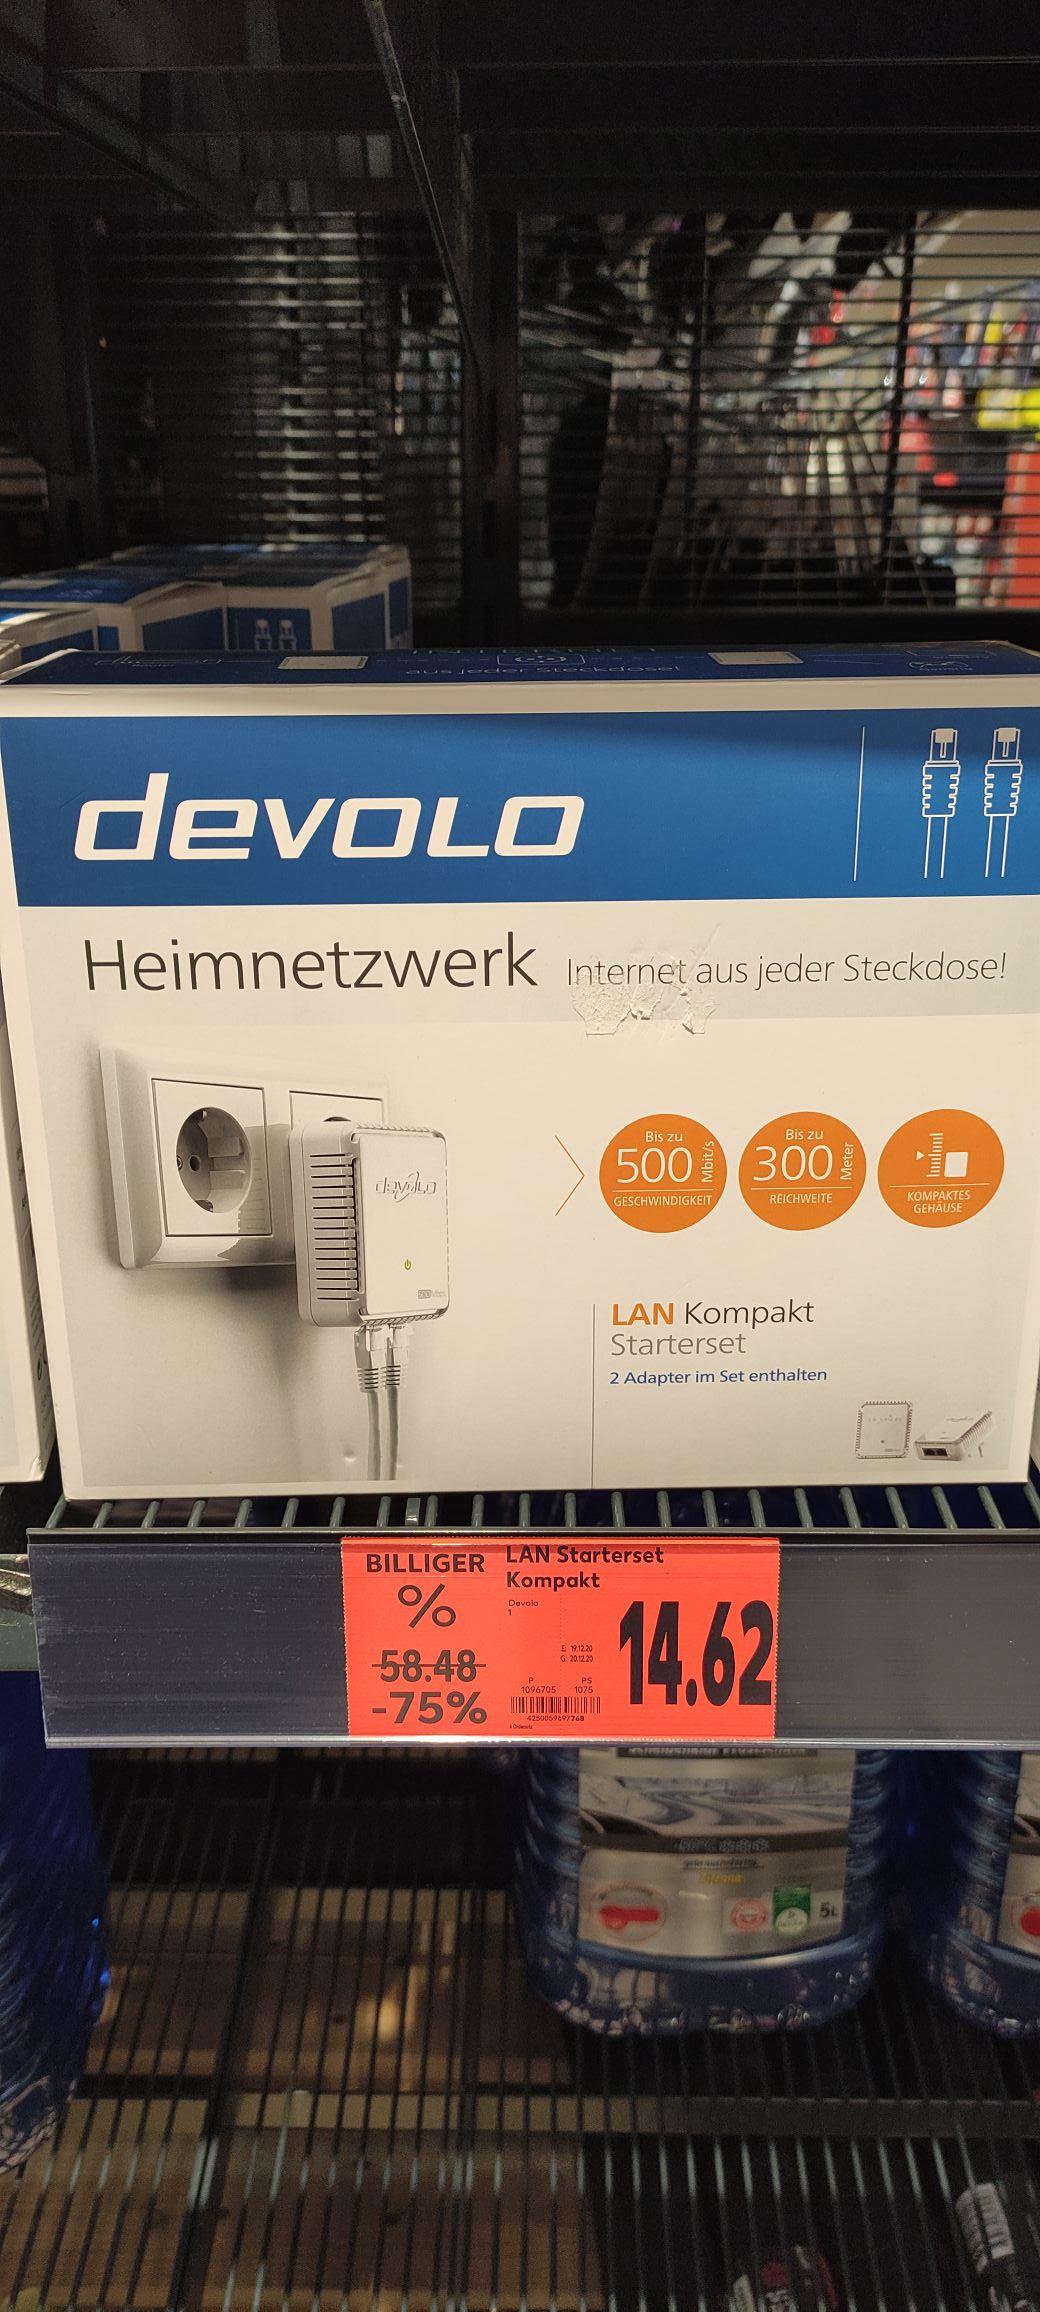 Devolo Heimnetzwerk LAN Kompakt Starterset (Kaufland Senftenberg)